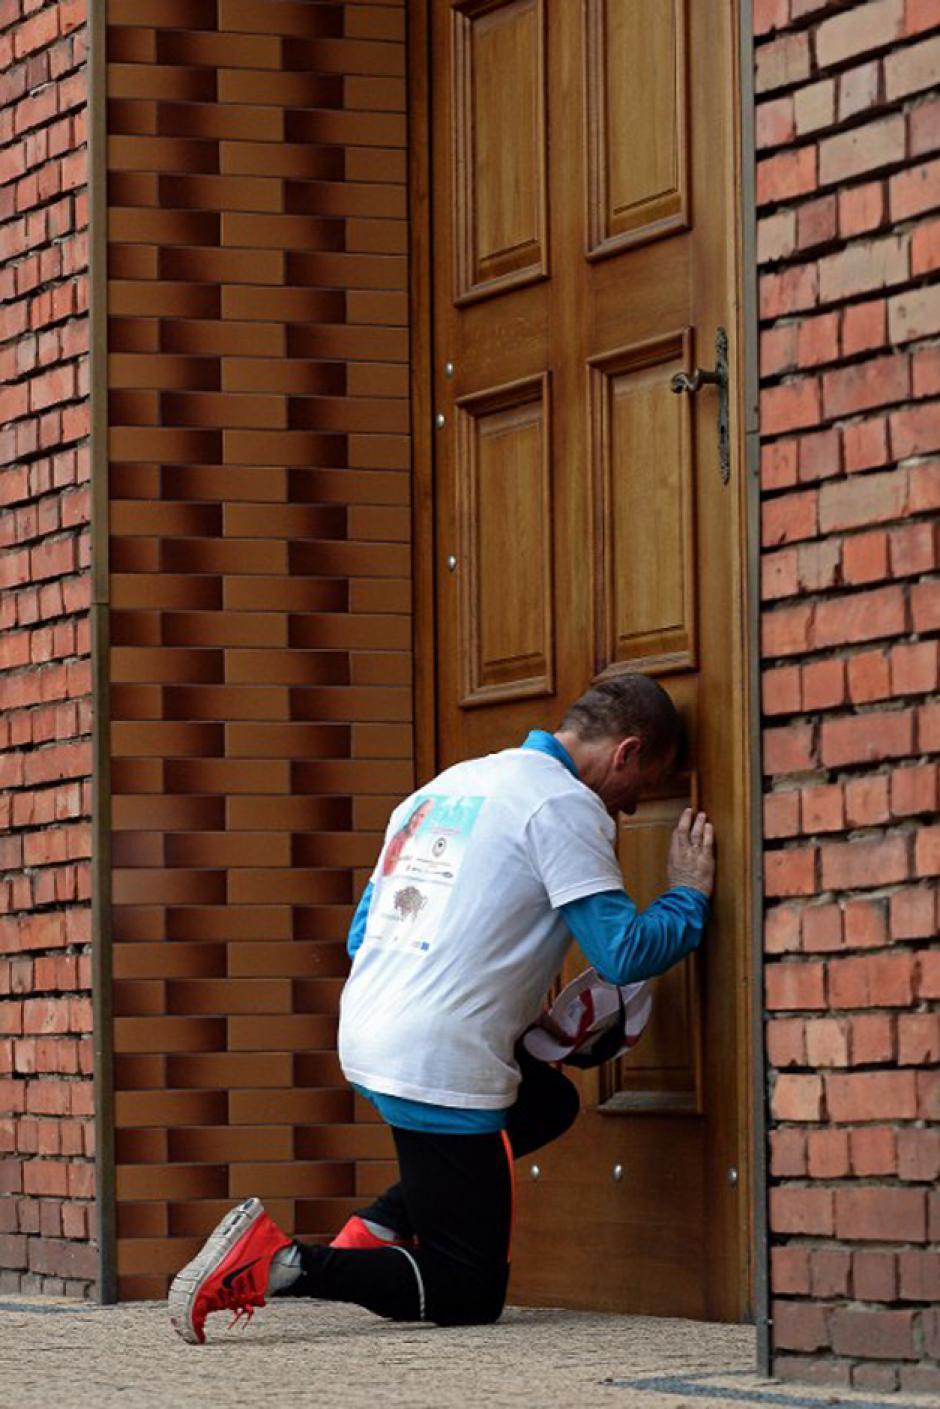 En la iglesia del pueblo norteño de polonia, Burki; Kurlyo realiza una oración antes de partir y continuar con su largo viaje (Foto: AFP)